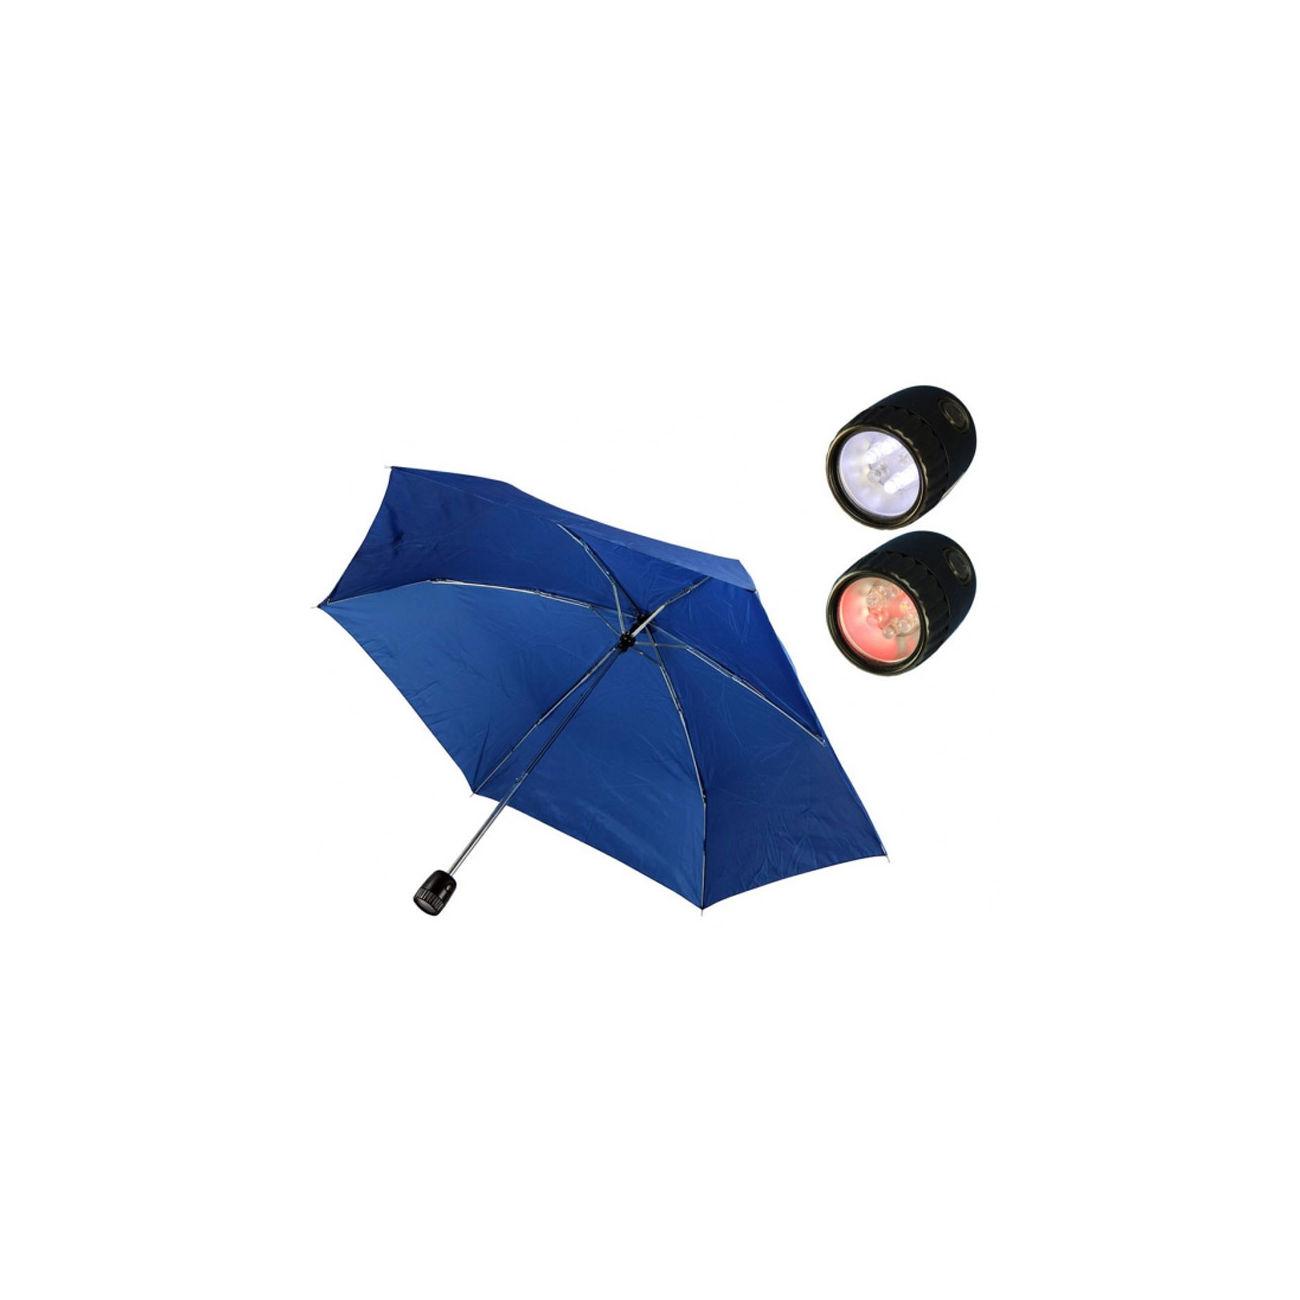 regenschirm mit led lampe blau kotte zeller. Black Bedroom Furniture Sets. Home Design Ideas